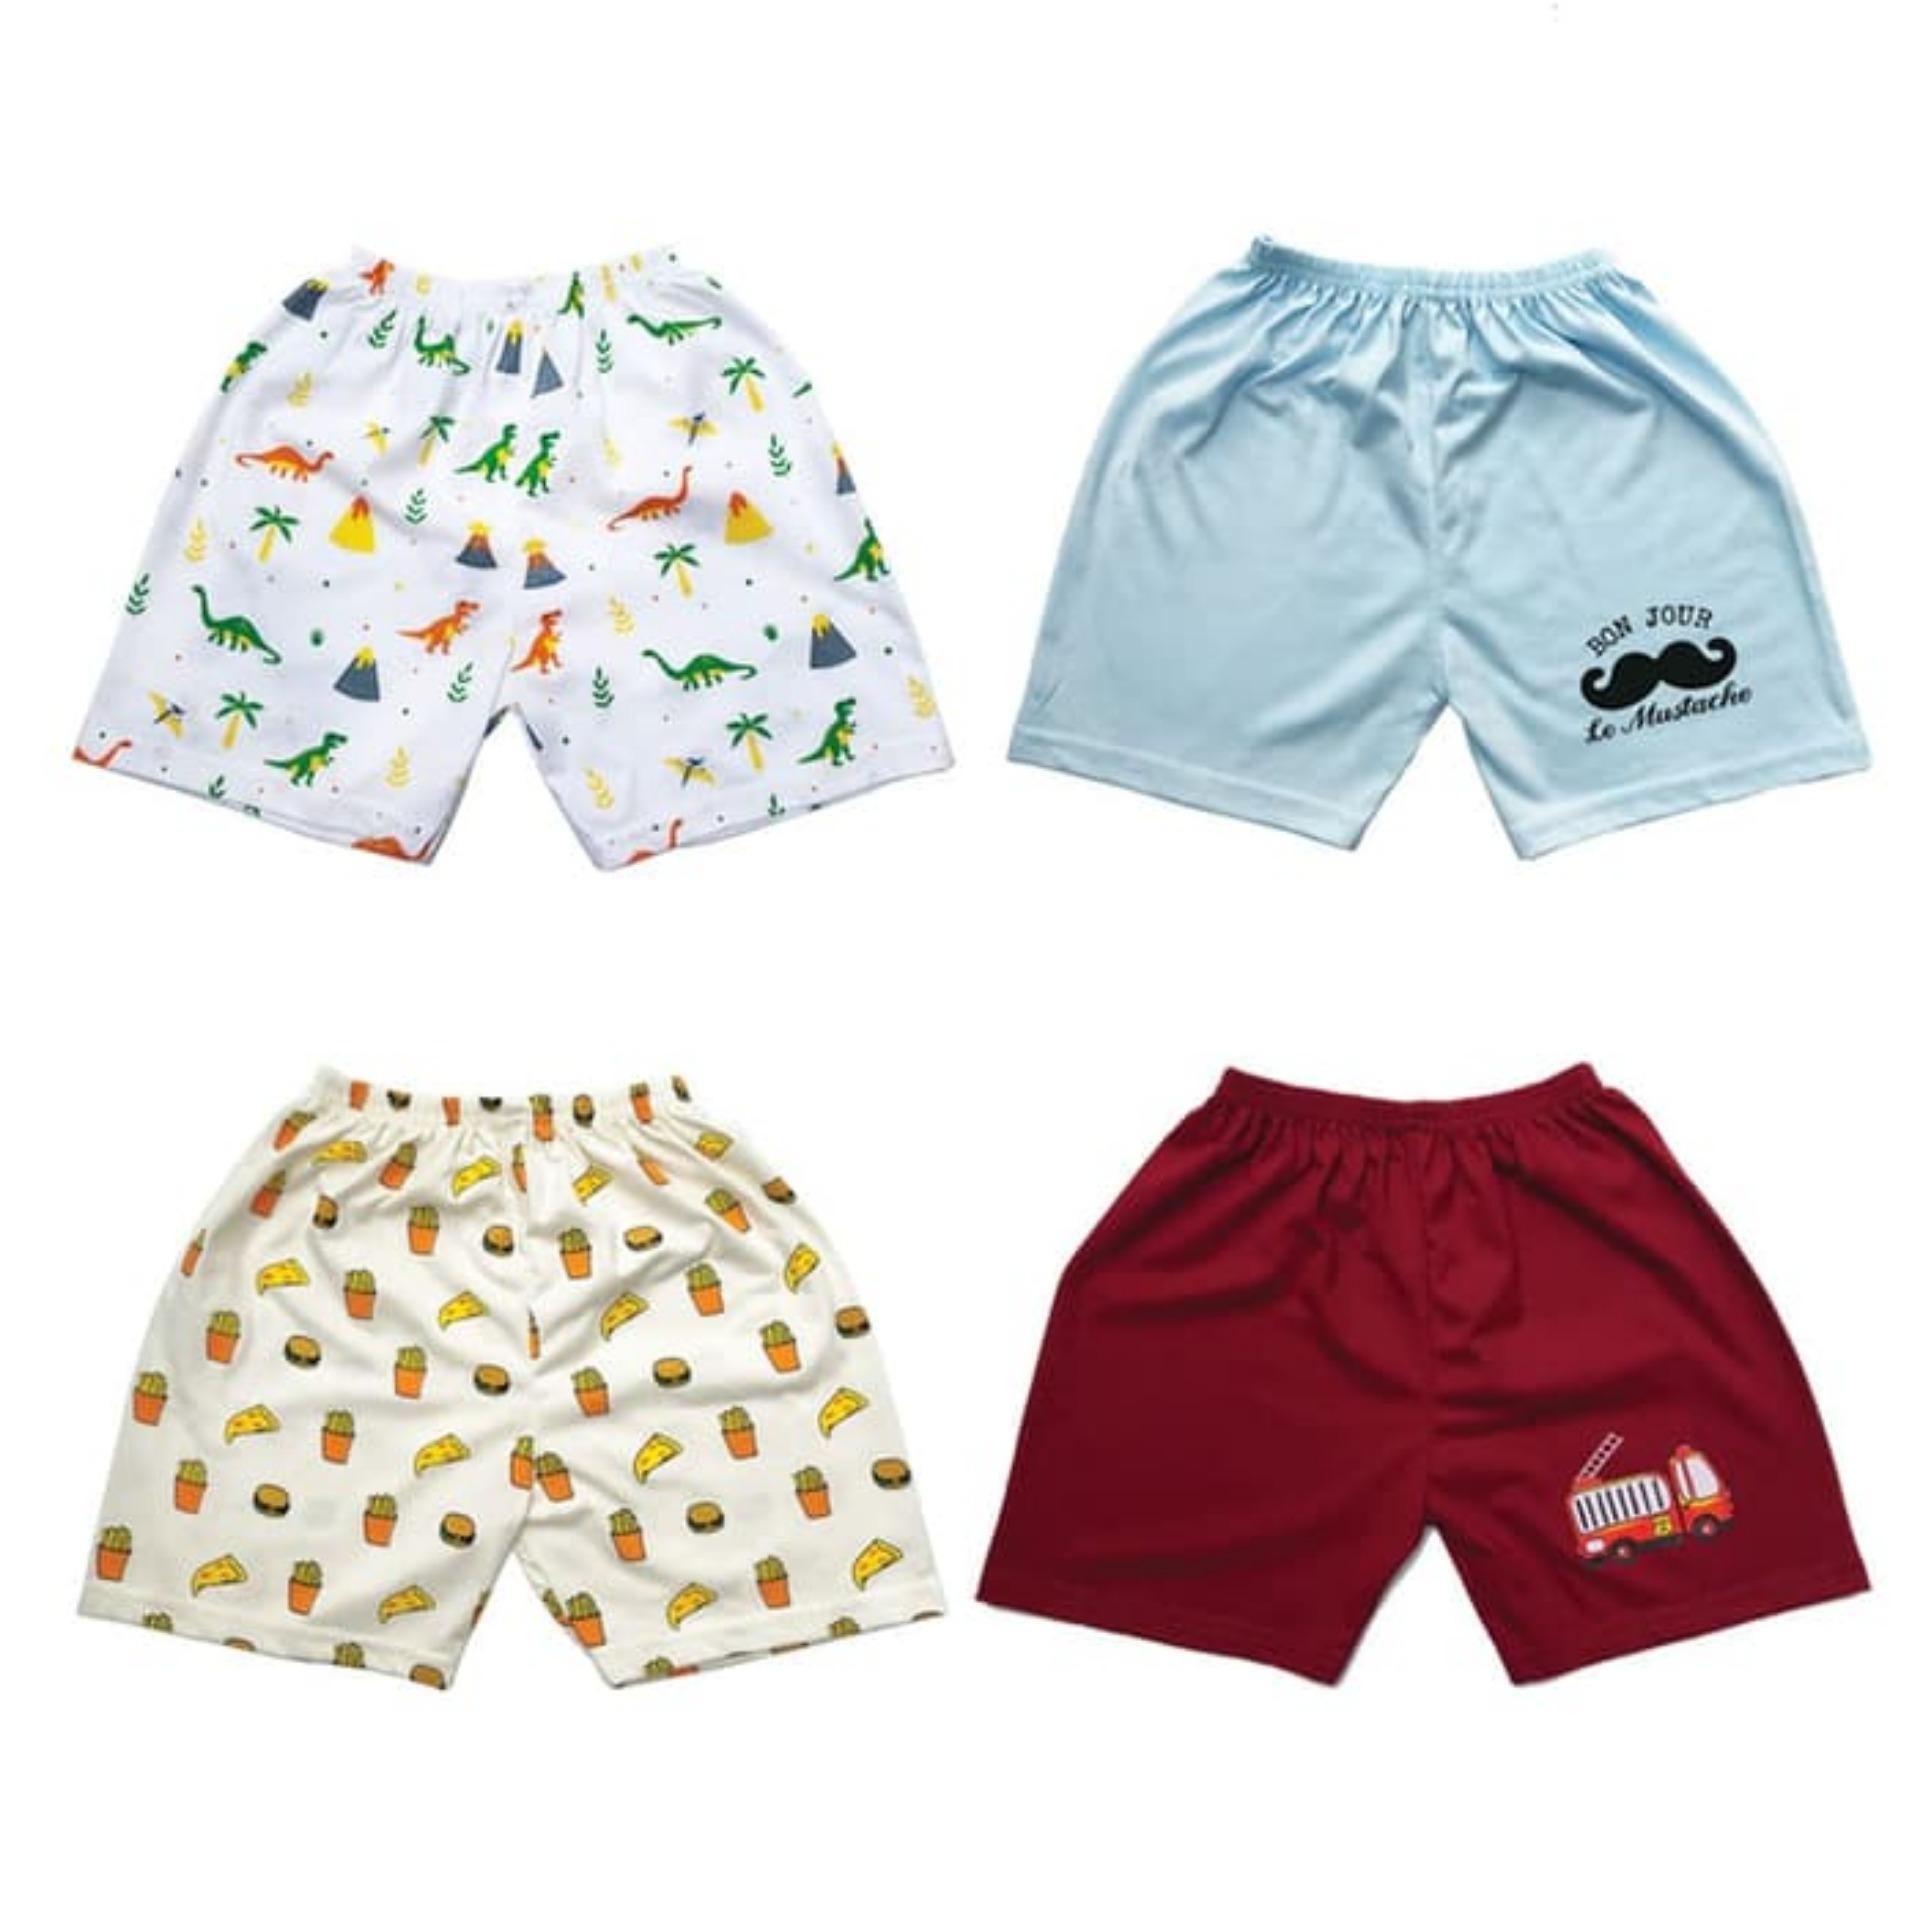 Kazel Jobel Short Pants Dino Edition Celana Pendek Anak isi 4 Size NB & S